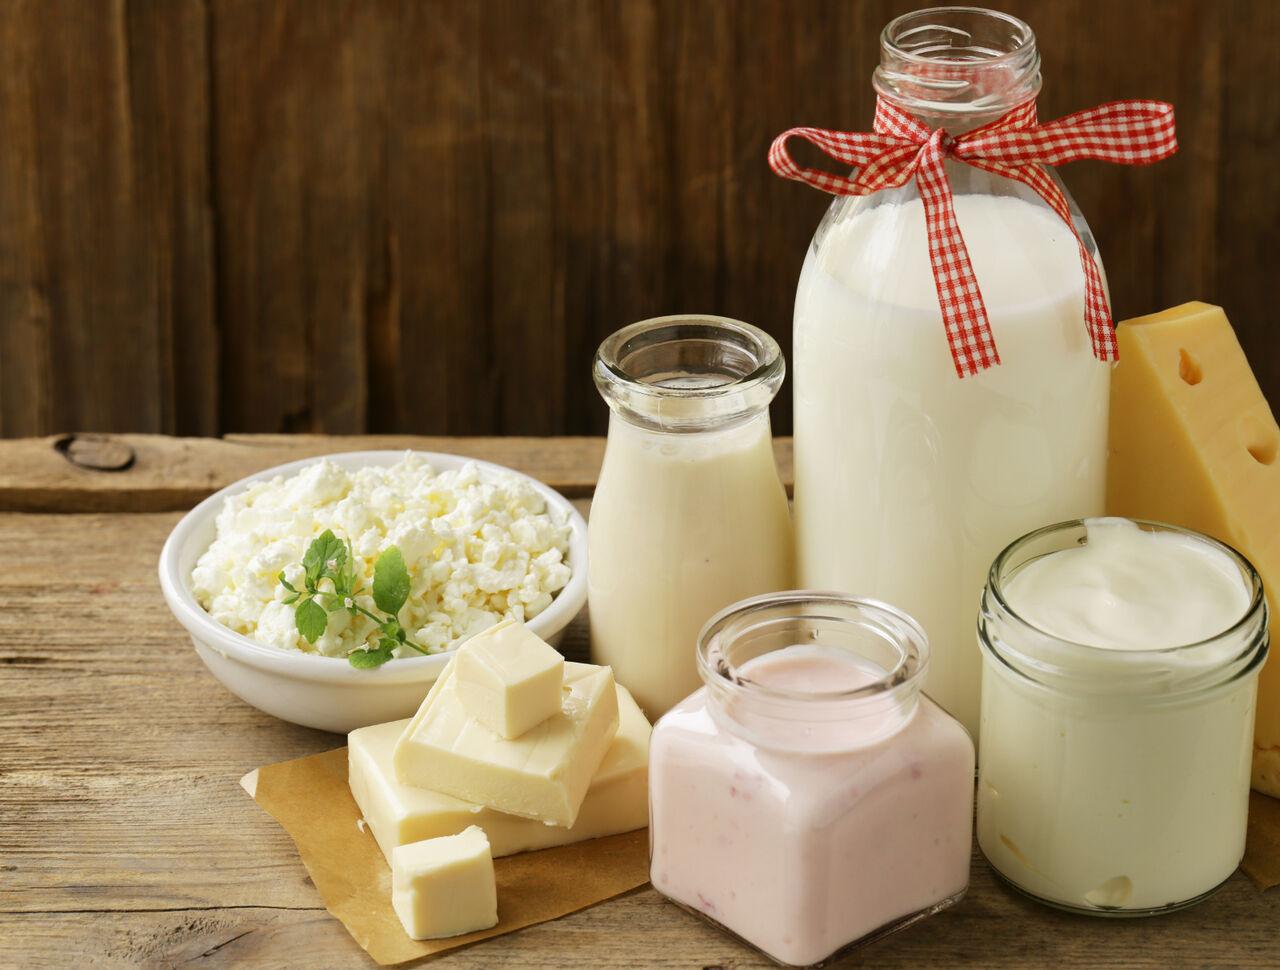 مصرف روزانه شیر و لبنیات در آلودگی هوا